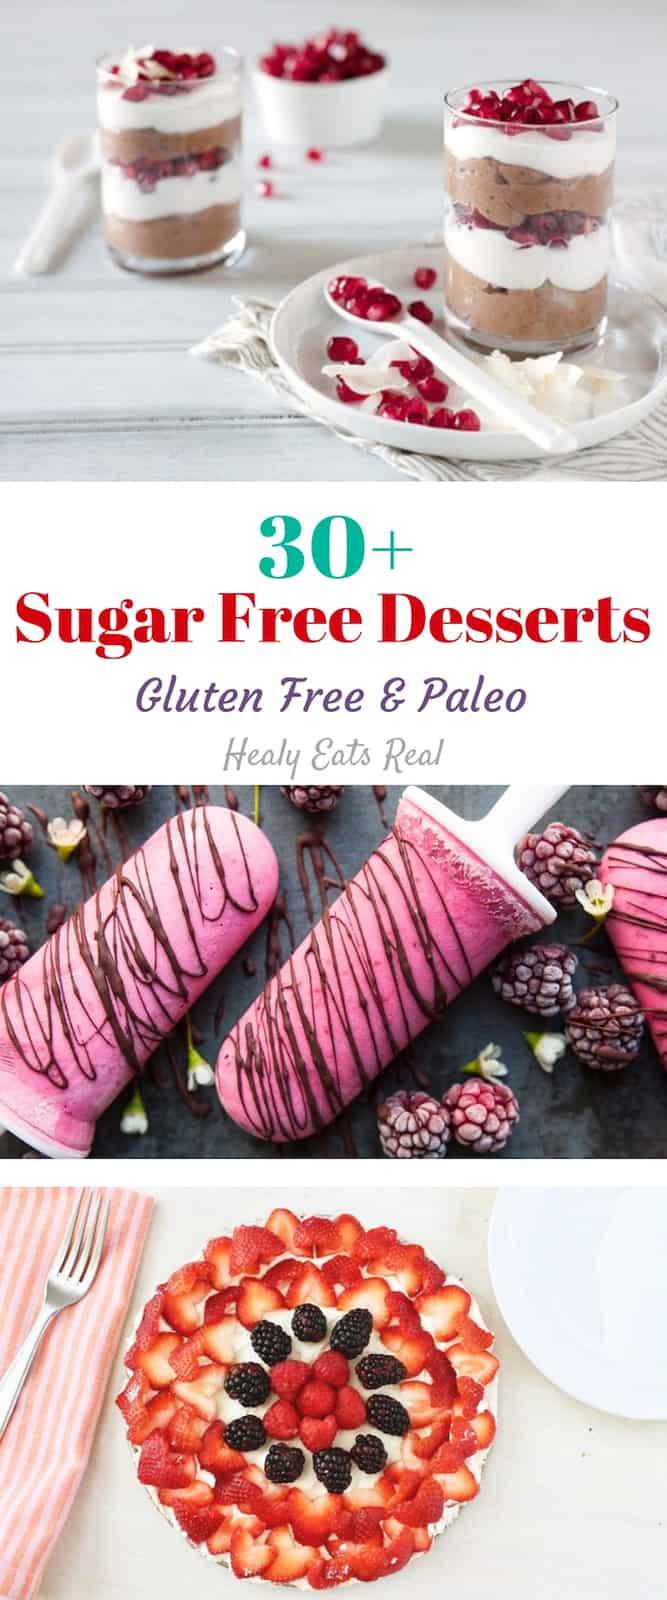 30+ Tasty Sugar Free Desserts! (Gluten Free & Paleo)